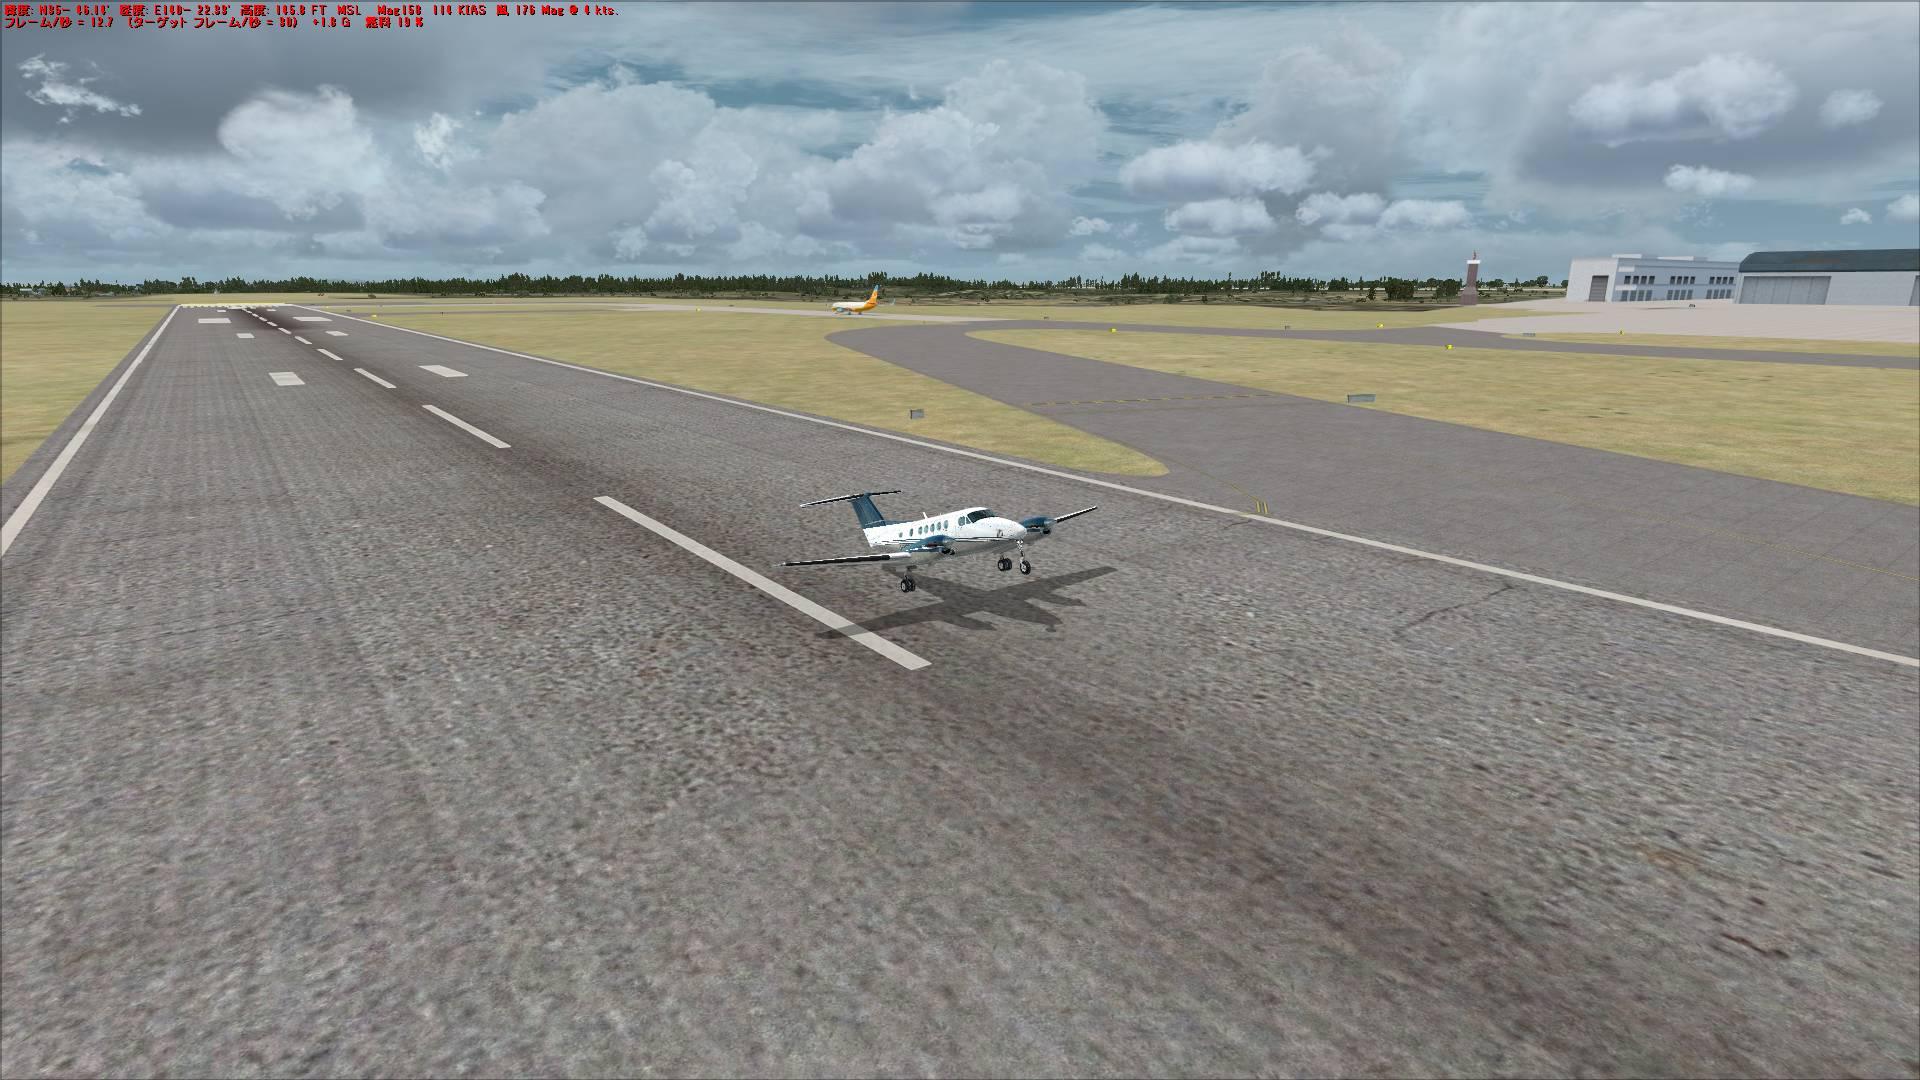 RJAA → RJTL 下総飛行場 RWY19